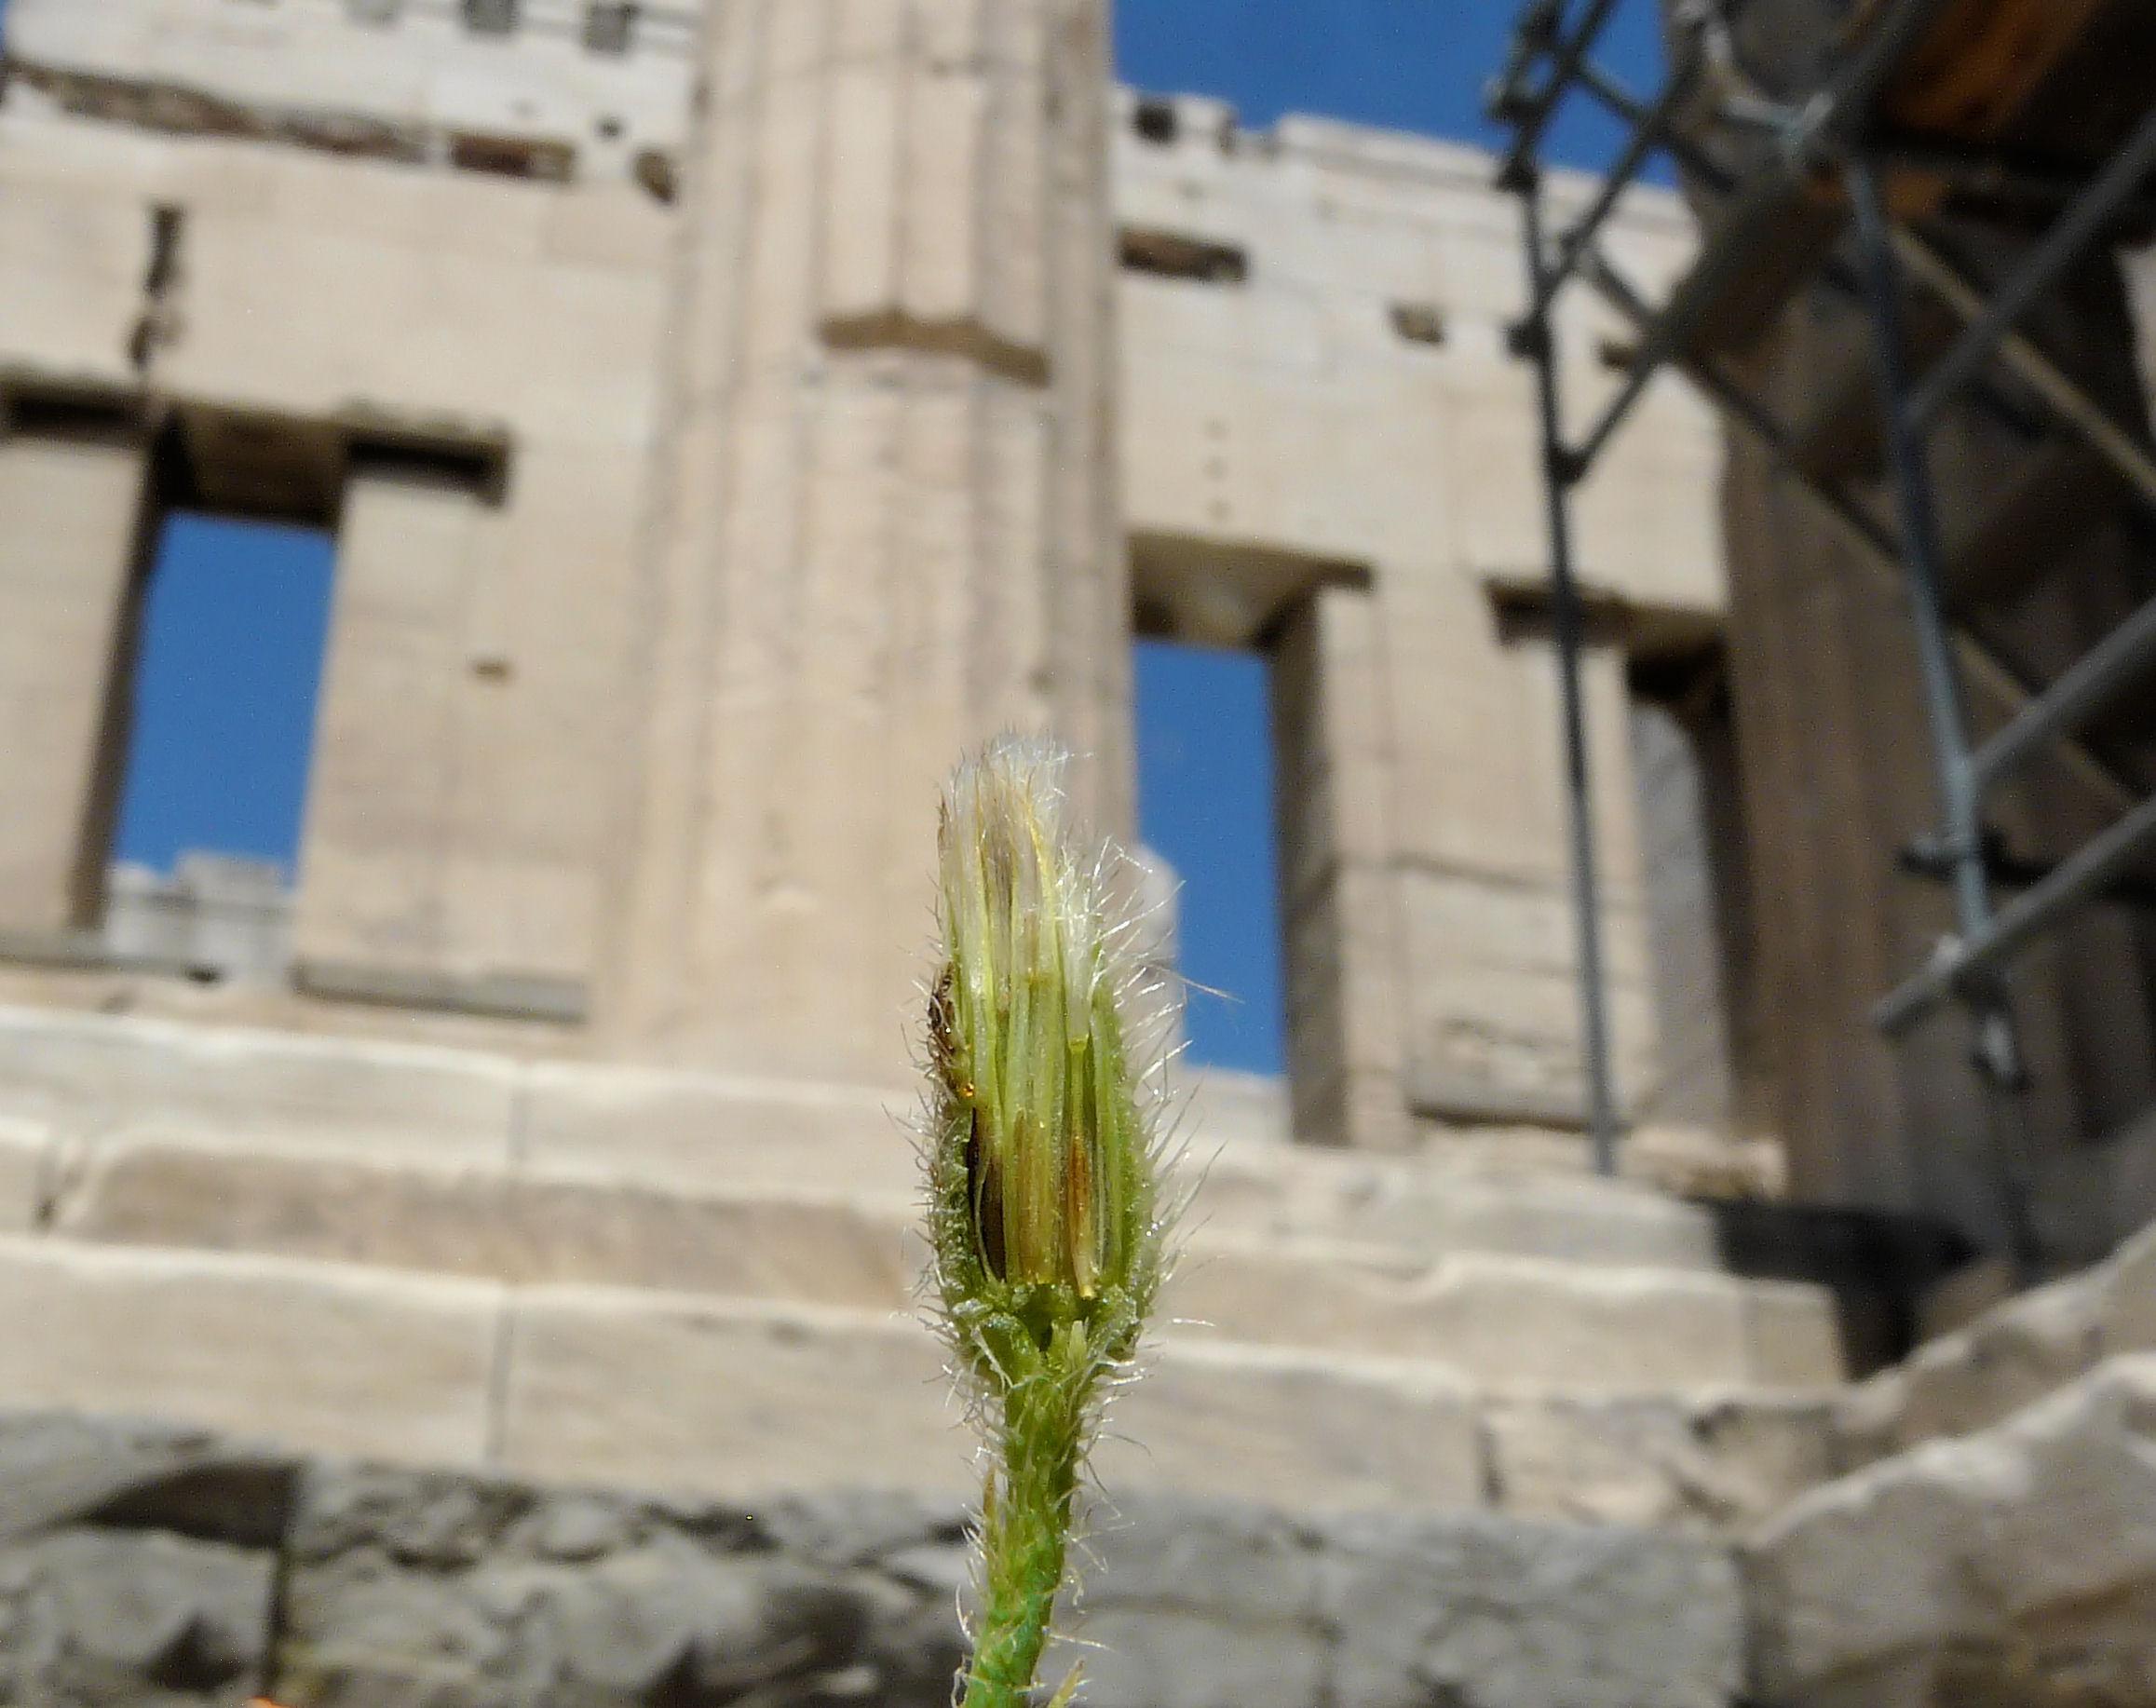 © Dipartimento di Scienze della Vita, Università degli Studi di Trieste<br>by Andrea Moro<br>Athens, Acropolis, Propylaea, Attica, Greece, 05/05/2012<br>Distributed under CC-BY-SA 4.0 license.